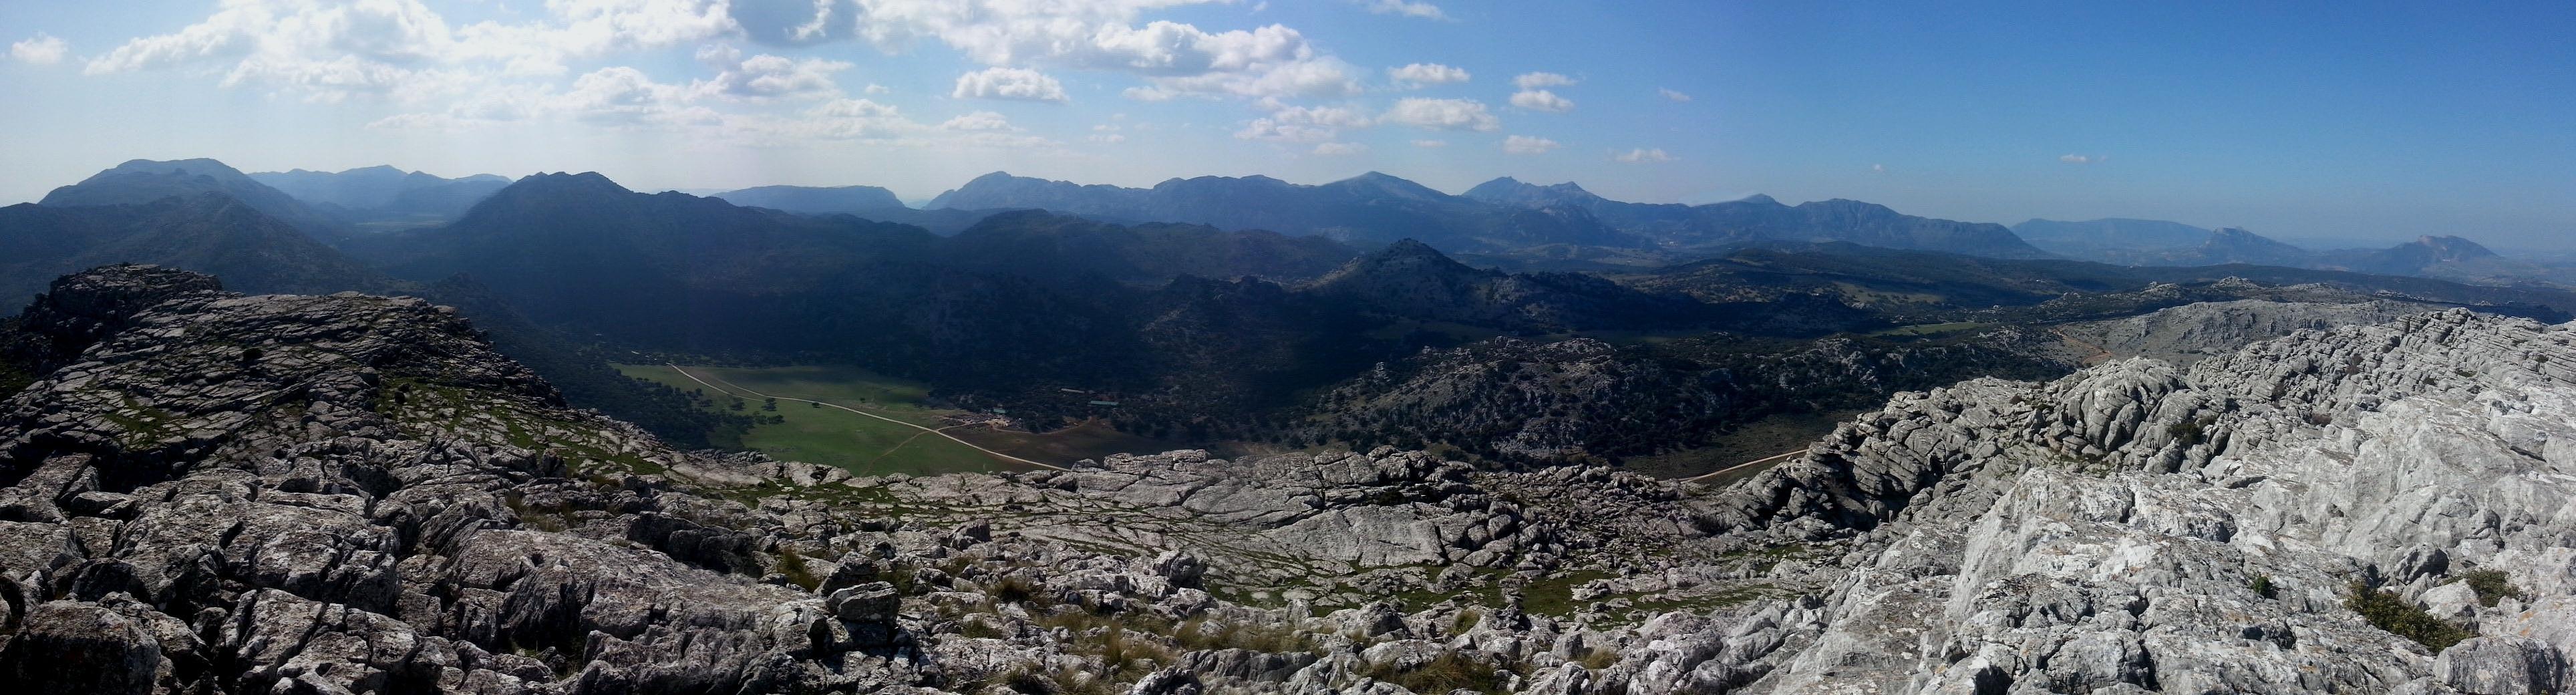 Una vuelta por Sierra de la Ventana - 13, 14 y 15 de Agosto 6cf03aefee6171cd98320020f10ac068o